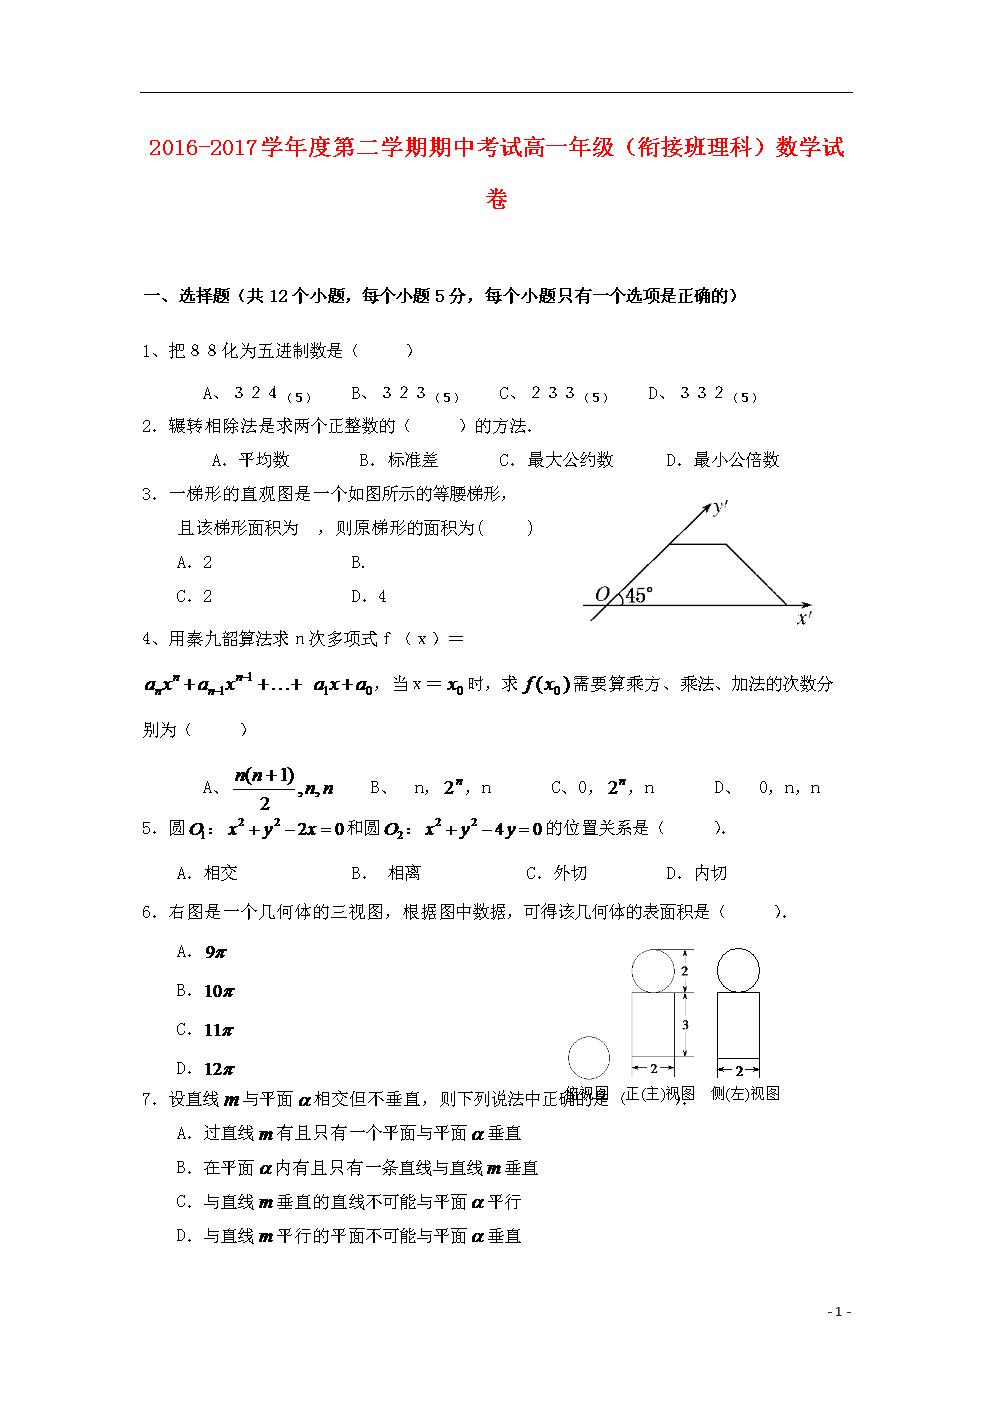 北上广人均存款_河北省的人均存款